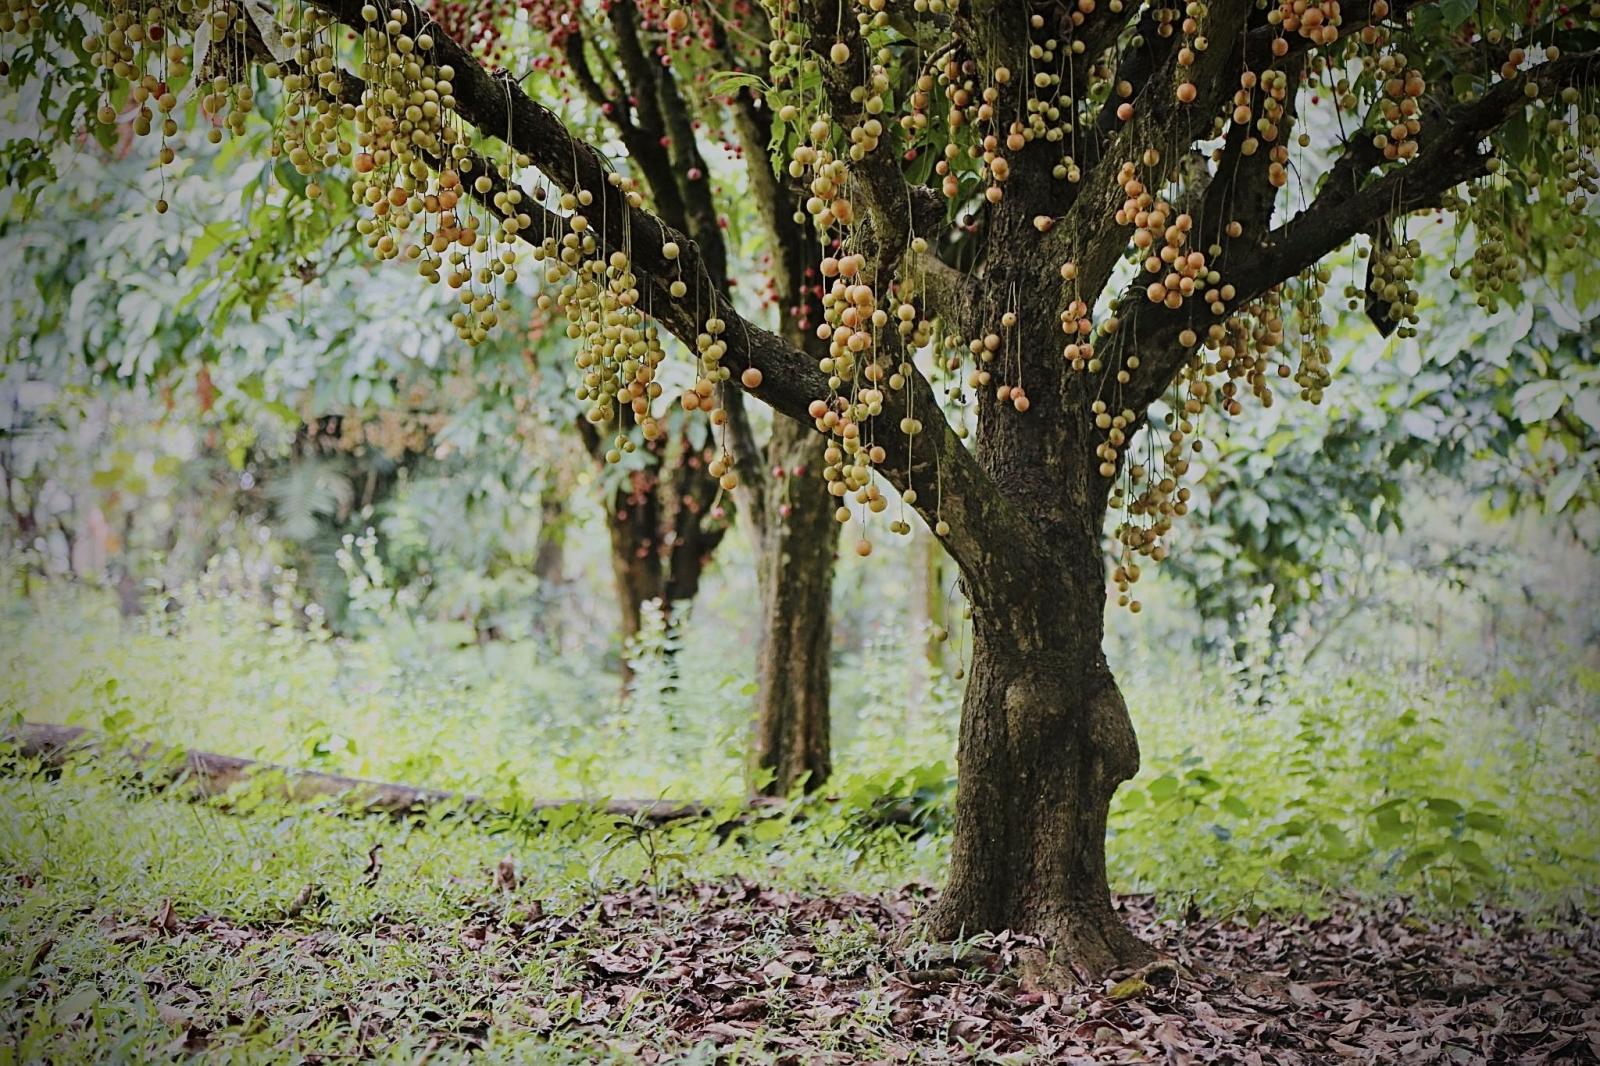 Hà Tĩnh: Loại quả mọc chi chít từ gốc đến ngọn, thương lái phải đến tận vườn đặt mua? - Ảnh 12.